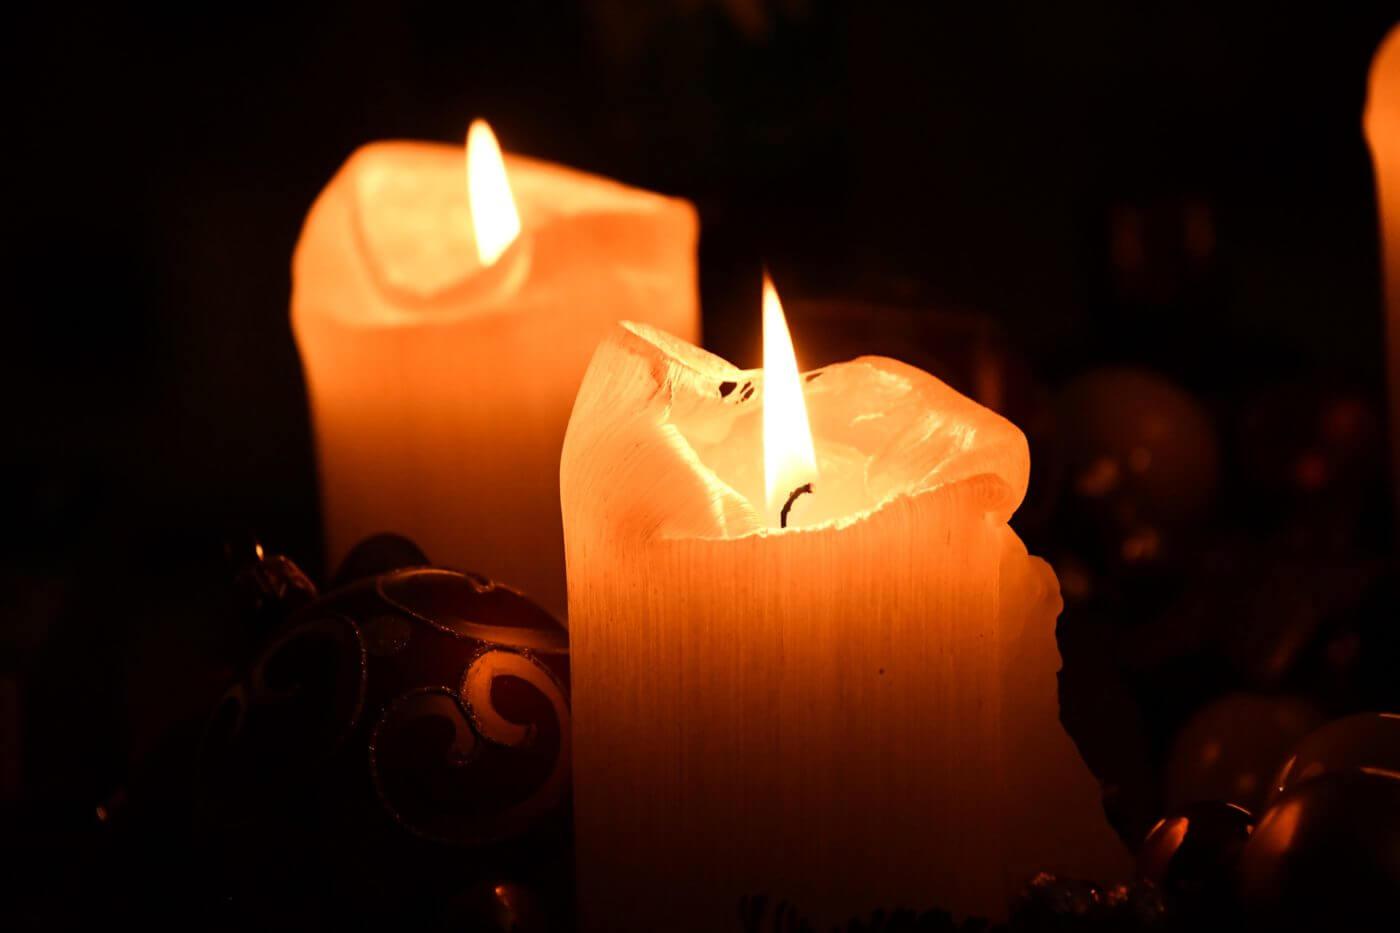 Історії кохання при свічках